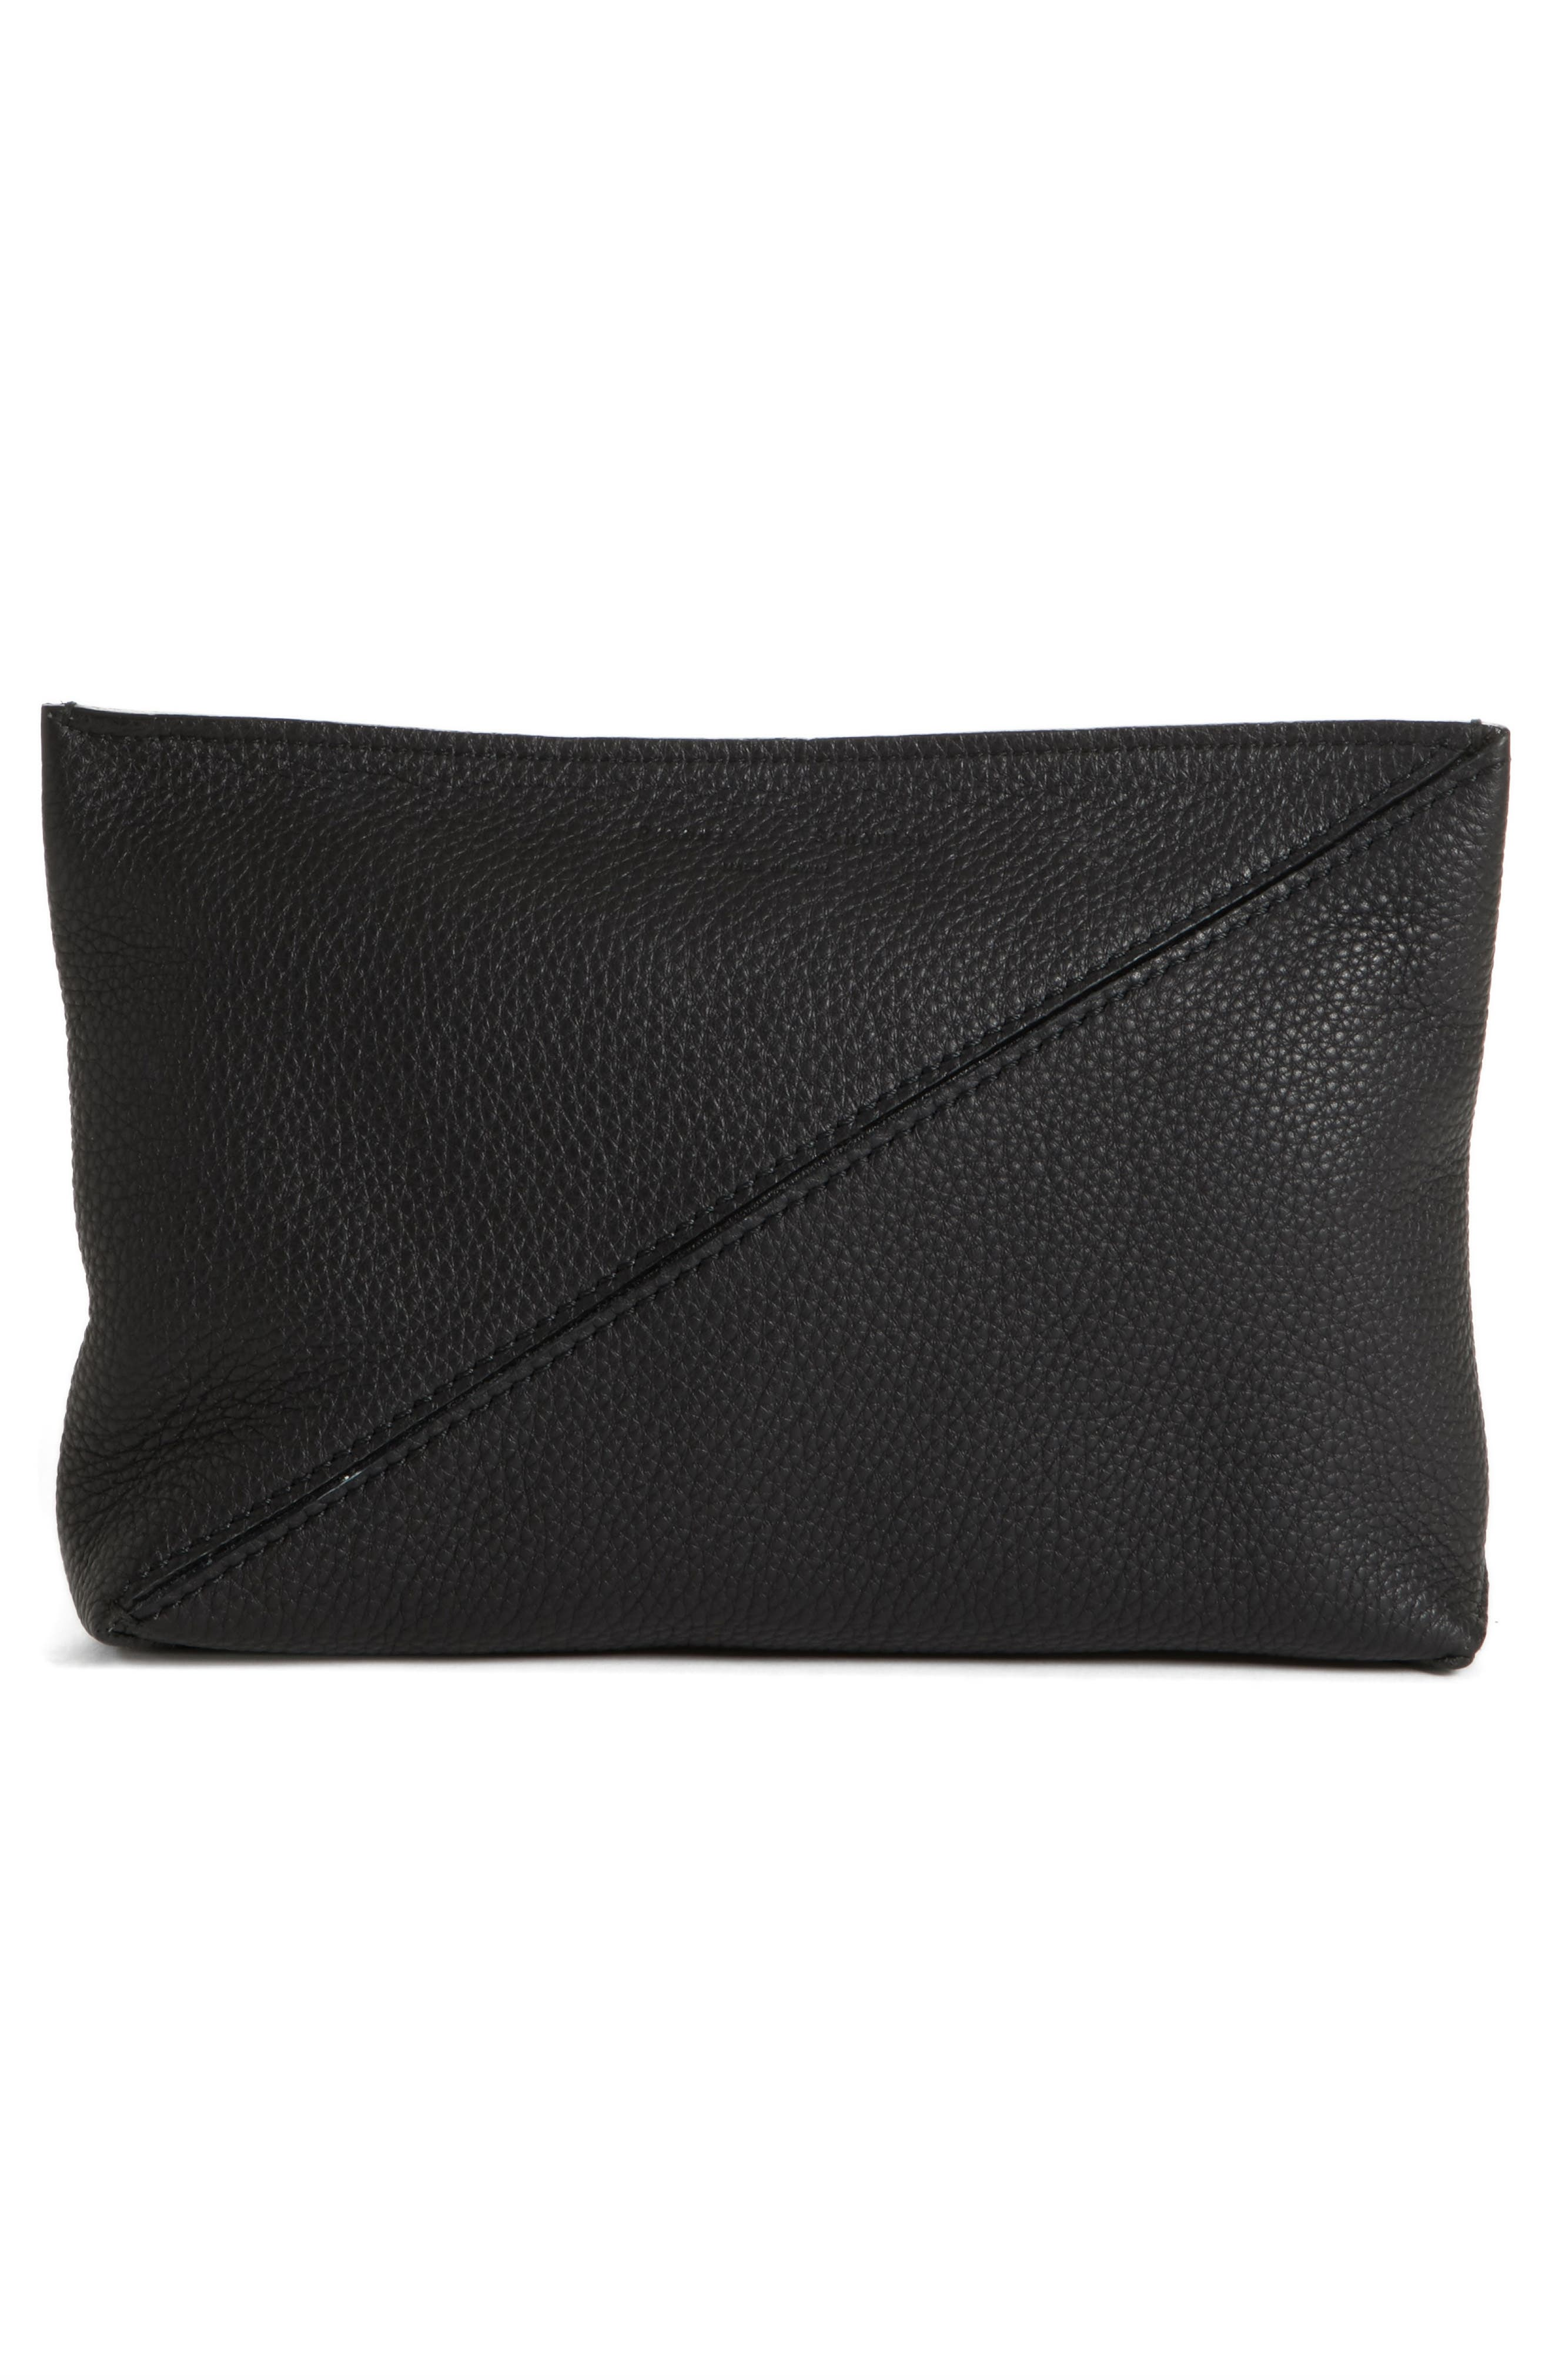 Diagonal Zip Leather Pouch,                             Alternate thumbnail 3, color,                             001